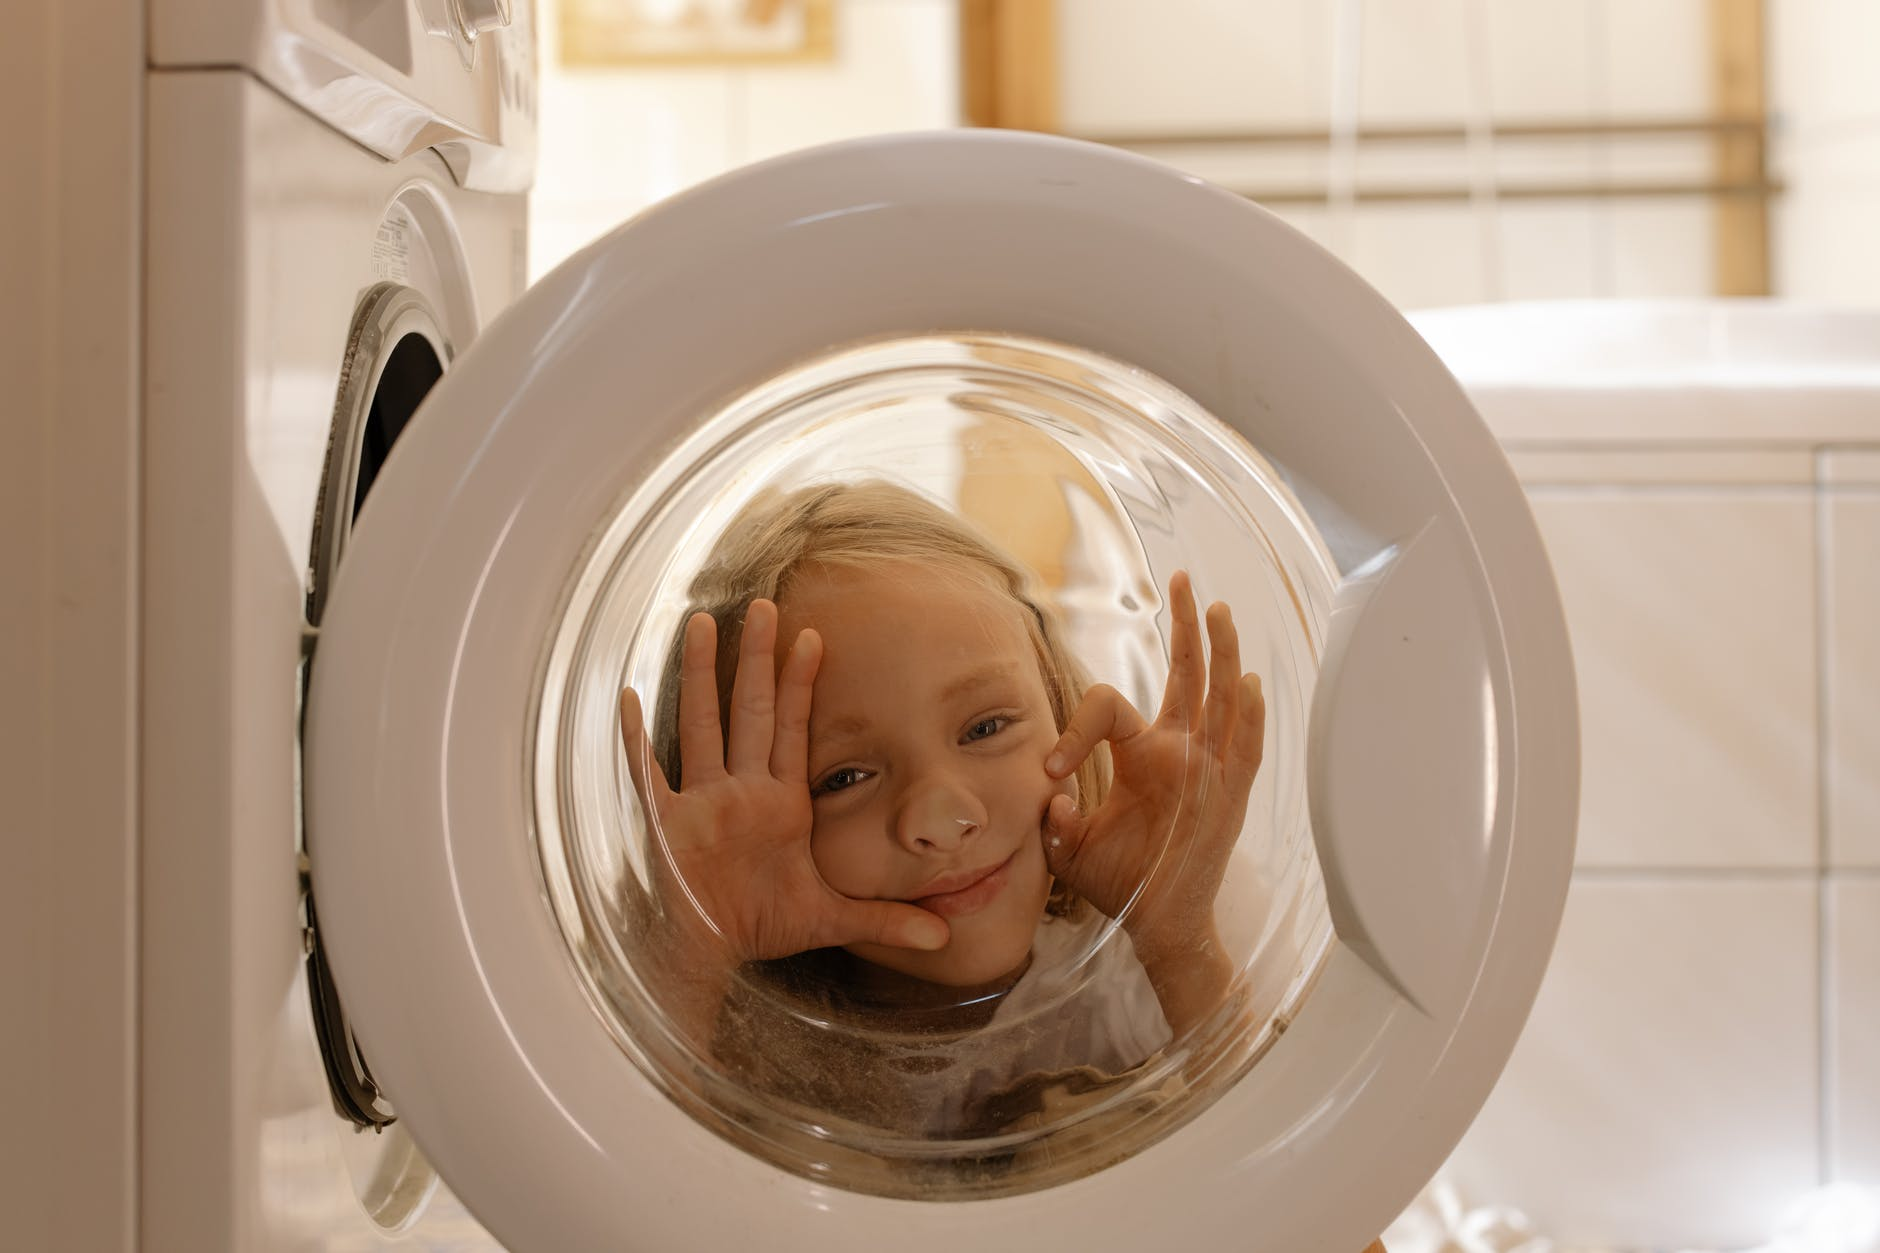 mejores lavasecadoras